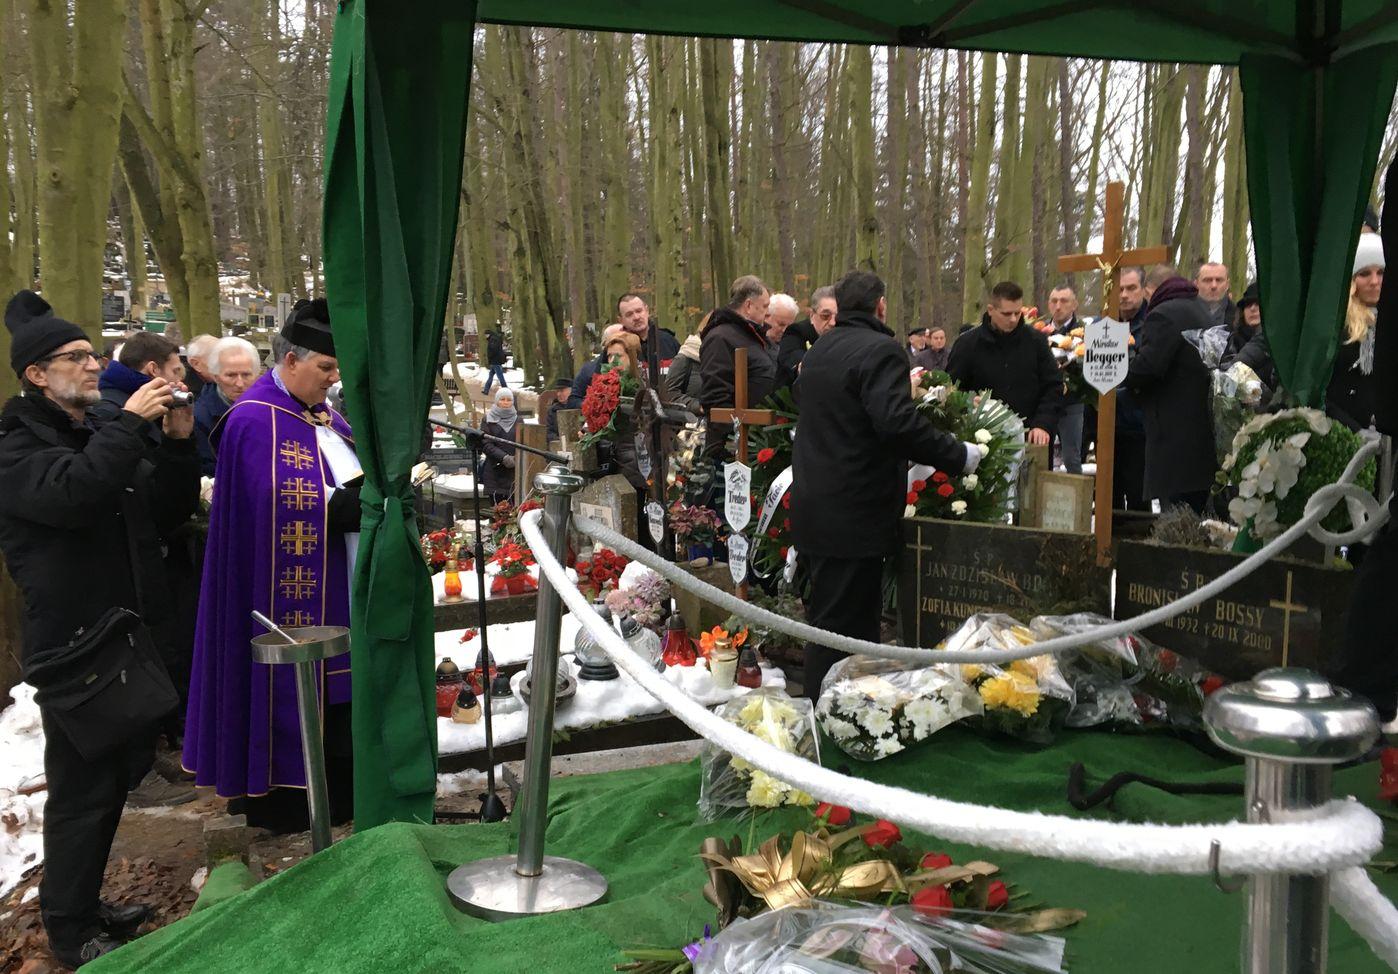 Begger pogrzeb JW IMG_2070